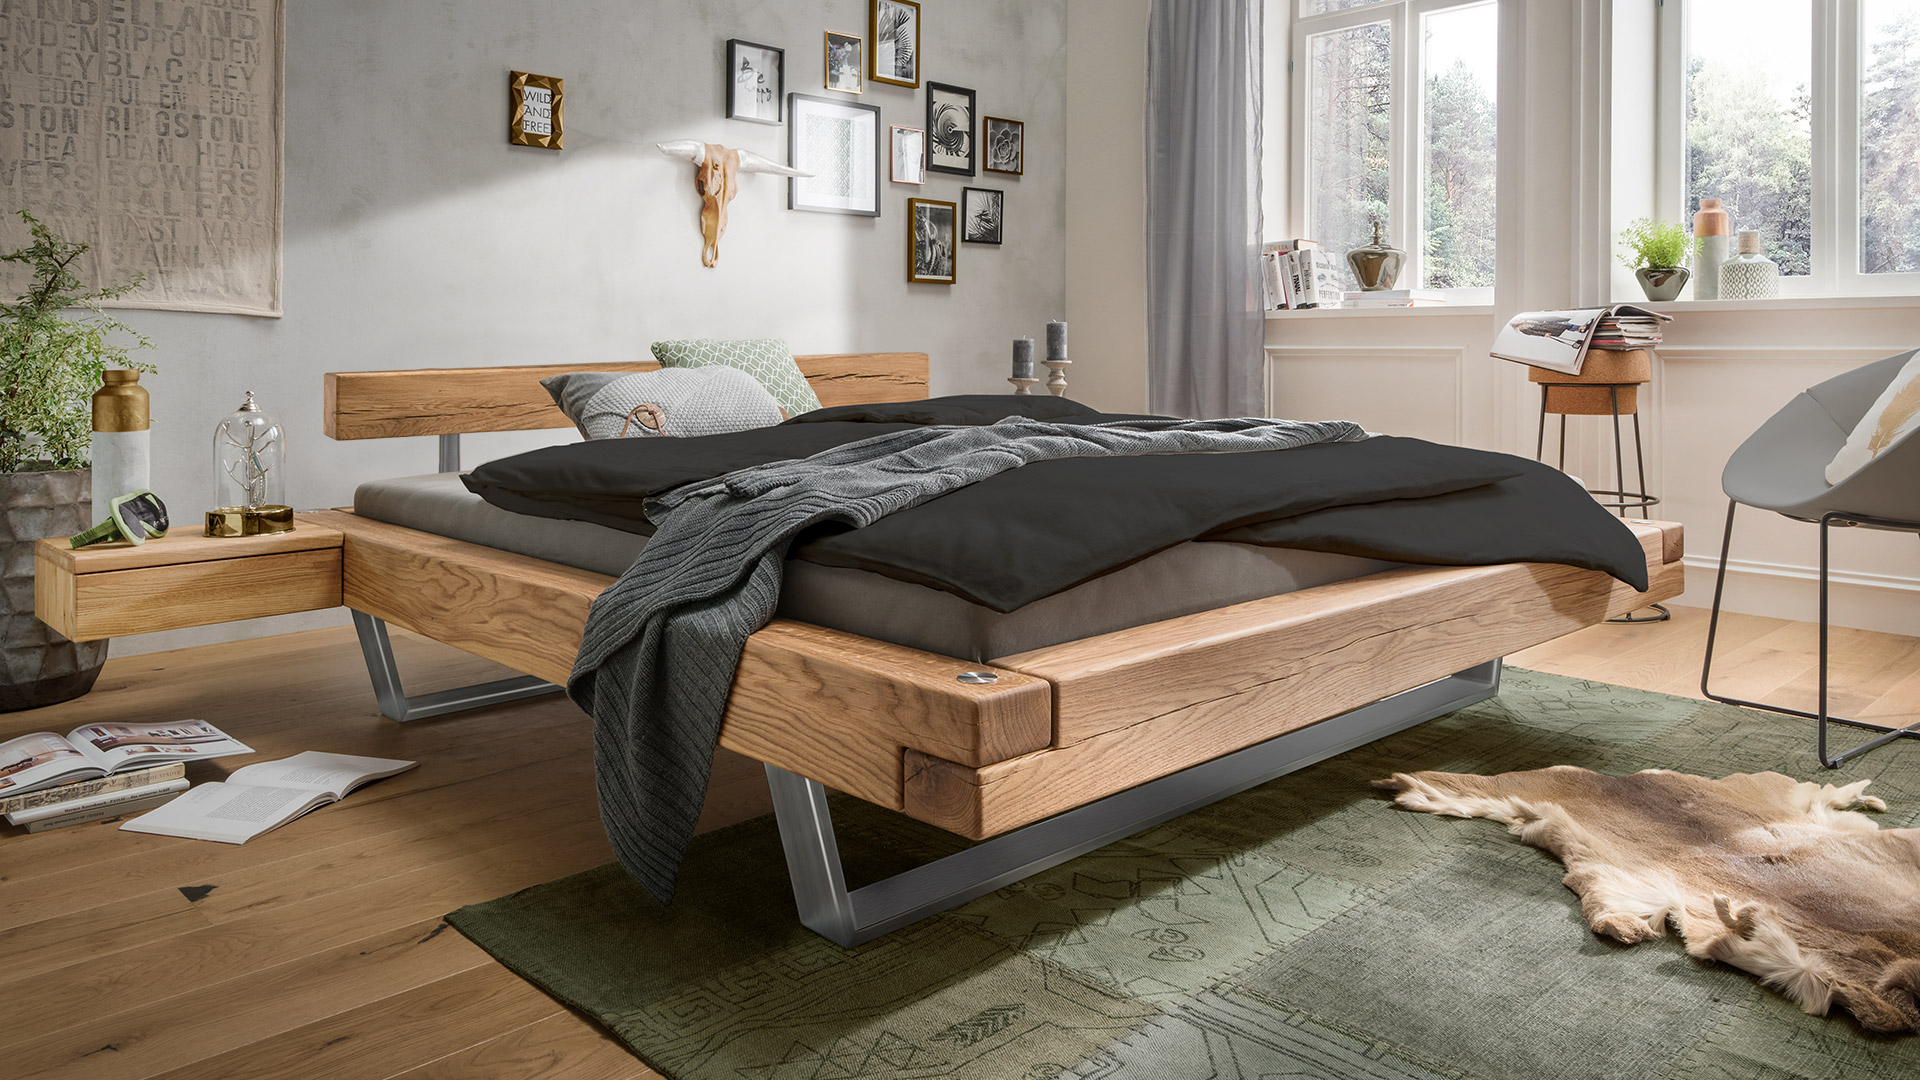 Schimmel im schlafzimmer allnatura schlafzimmer vintage gestalten bettw sche blumen tapeten for Schlafzimmer einrichten 3d